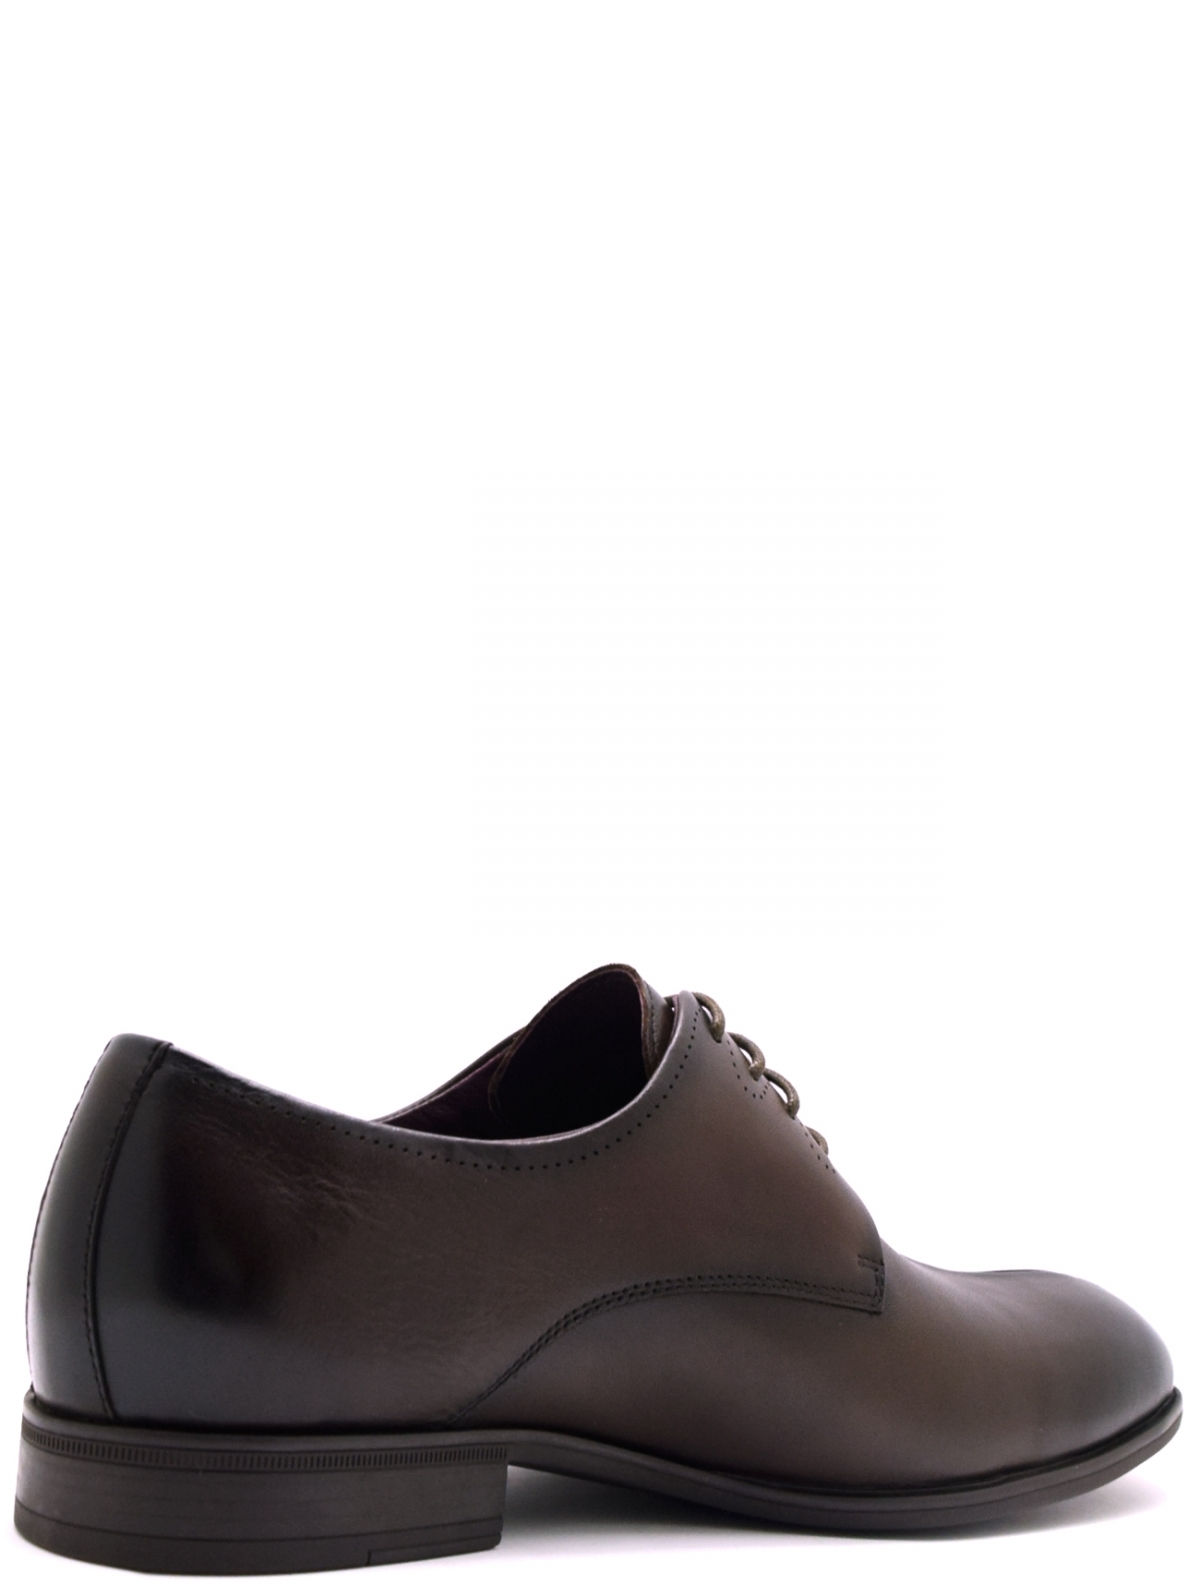 Roscote K6205J-A02T3628H мужские туфли